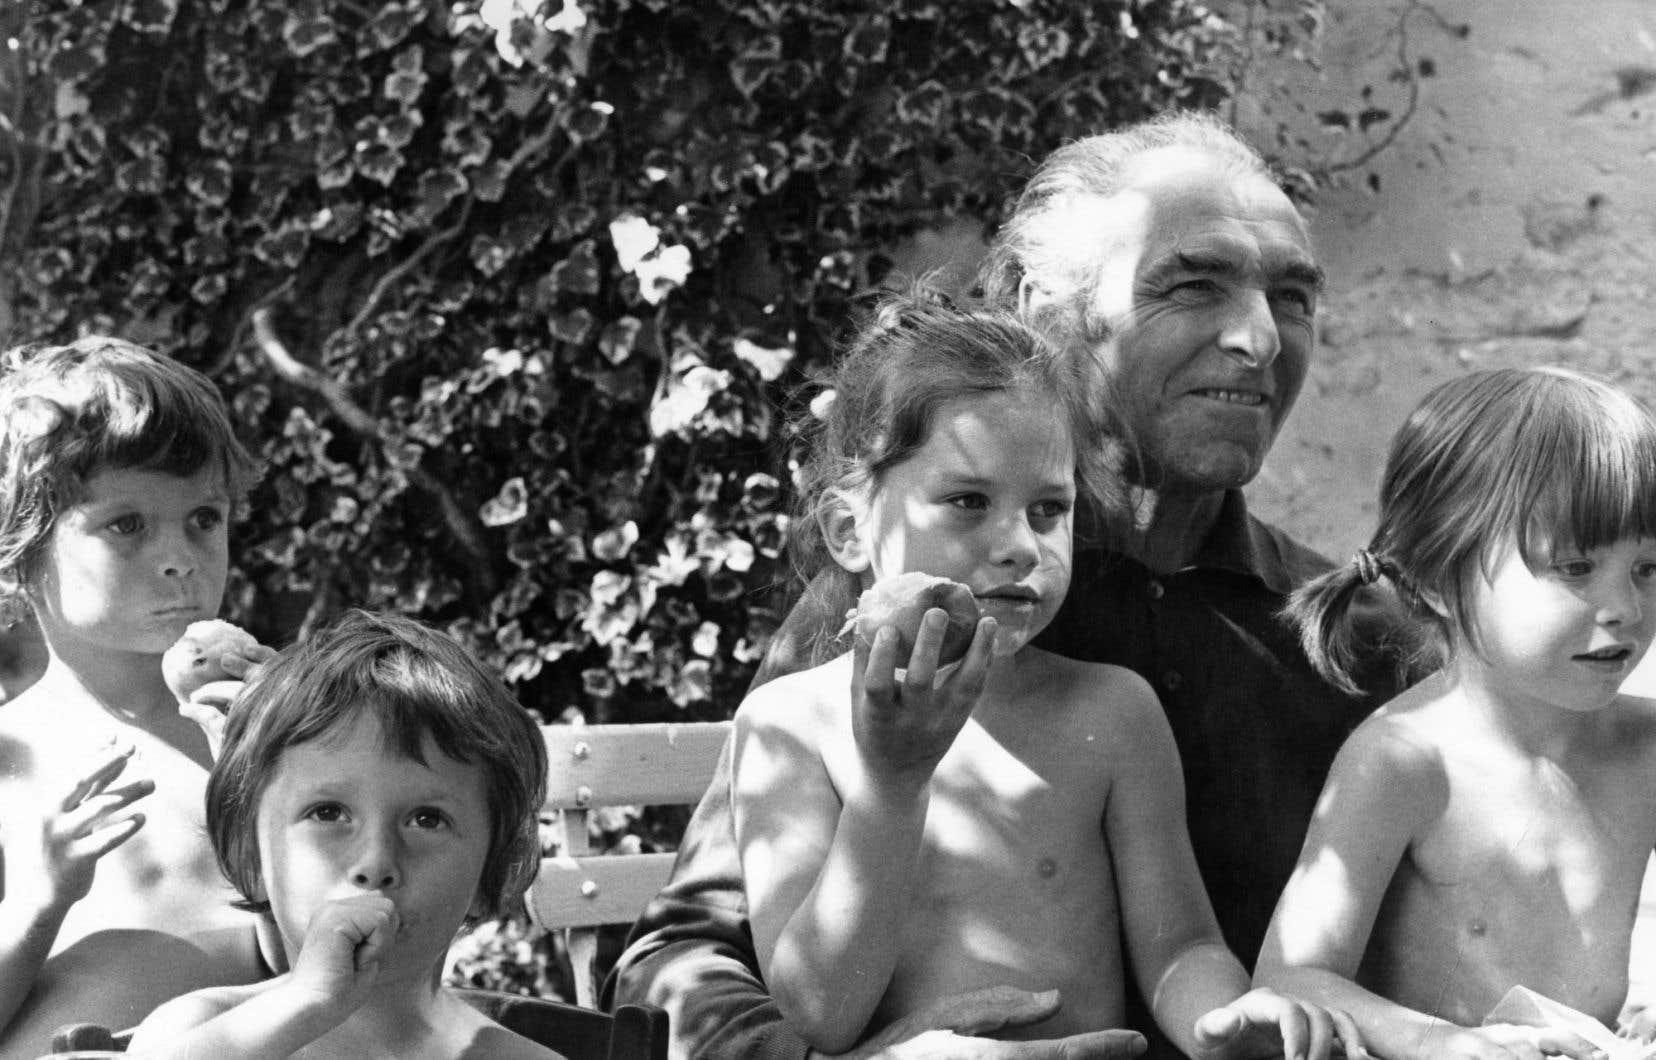 Doisneau entouré de ses petits-enfants, Sonia, Alexandre, Marie et Clémentine, à l'été 1978